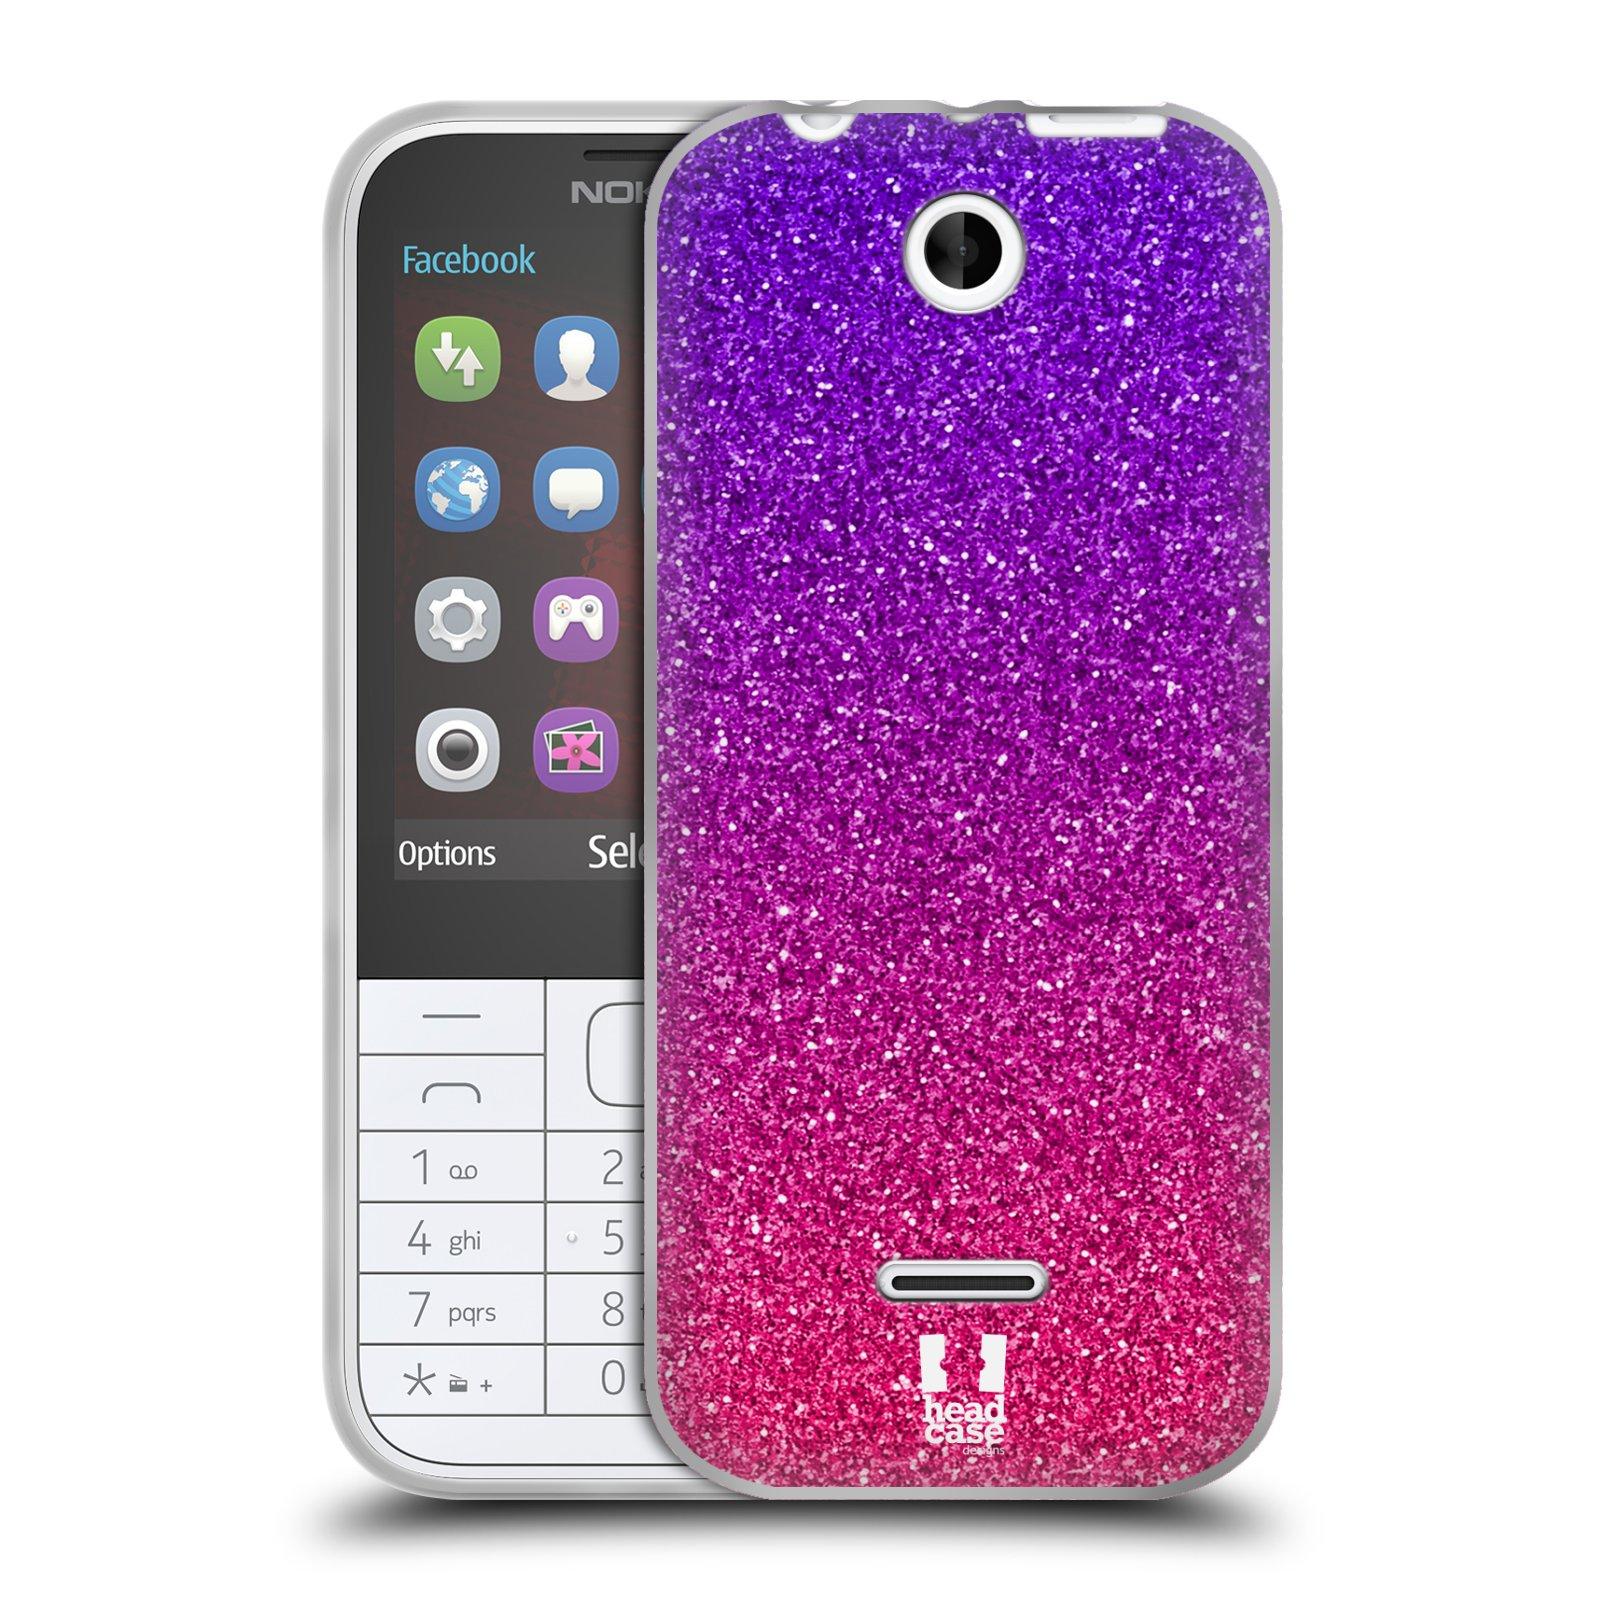 Silikonové pouzdro na mobil Nokia 225 HEAD CASE MIX PINK (Silikonový kryt či obal na mobilní telefon Nokia 225)